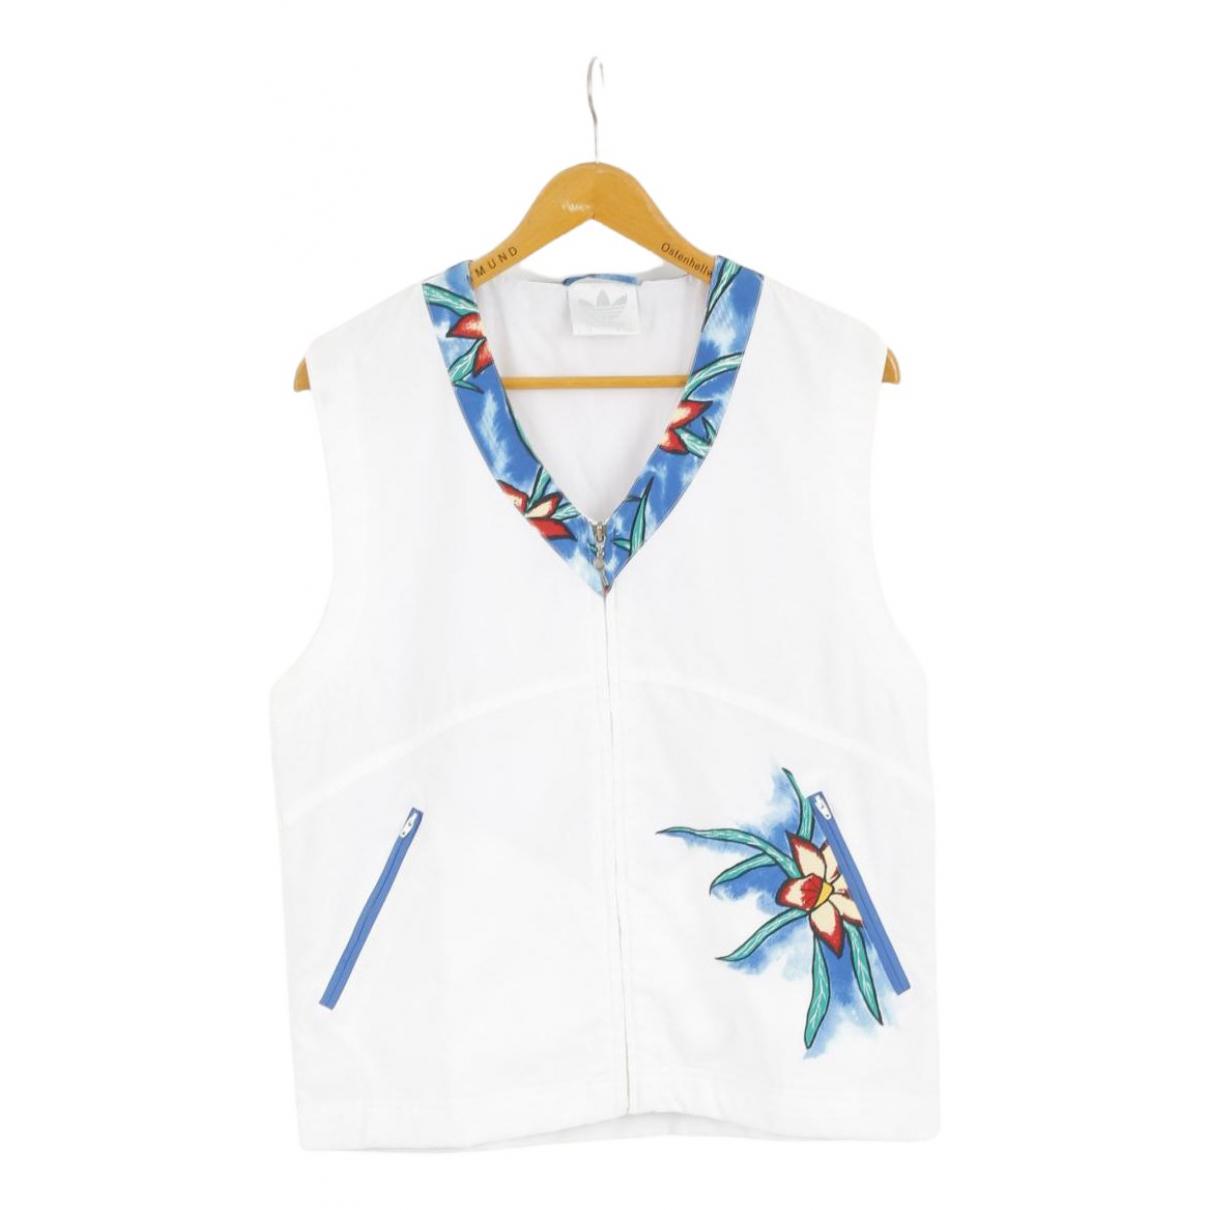 Adidas - Top   pour femme - blanc